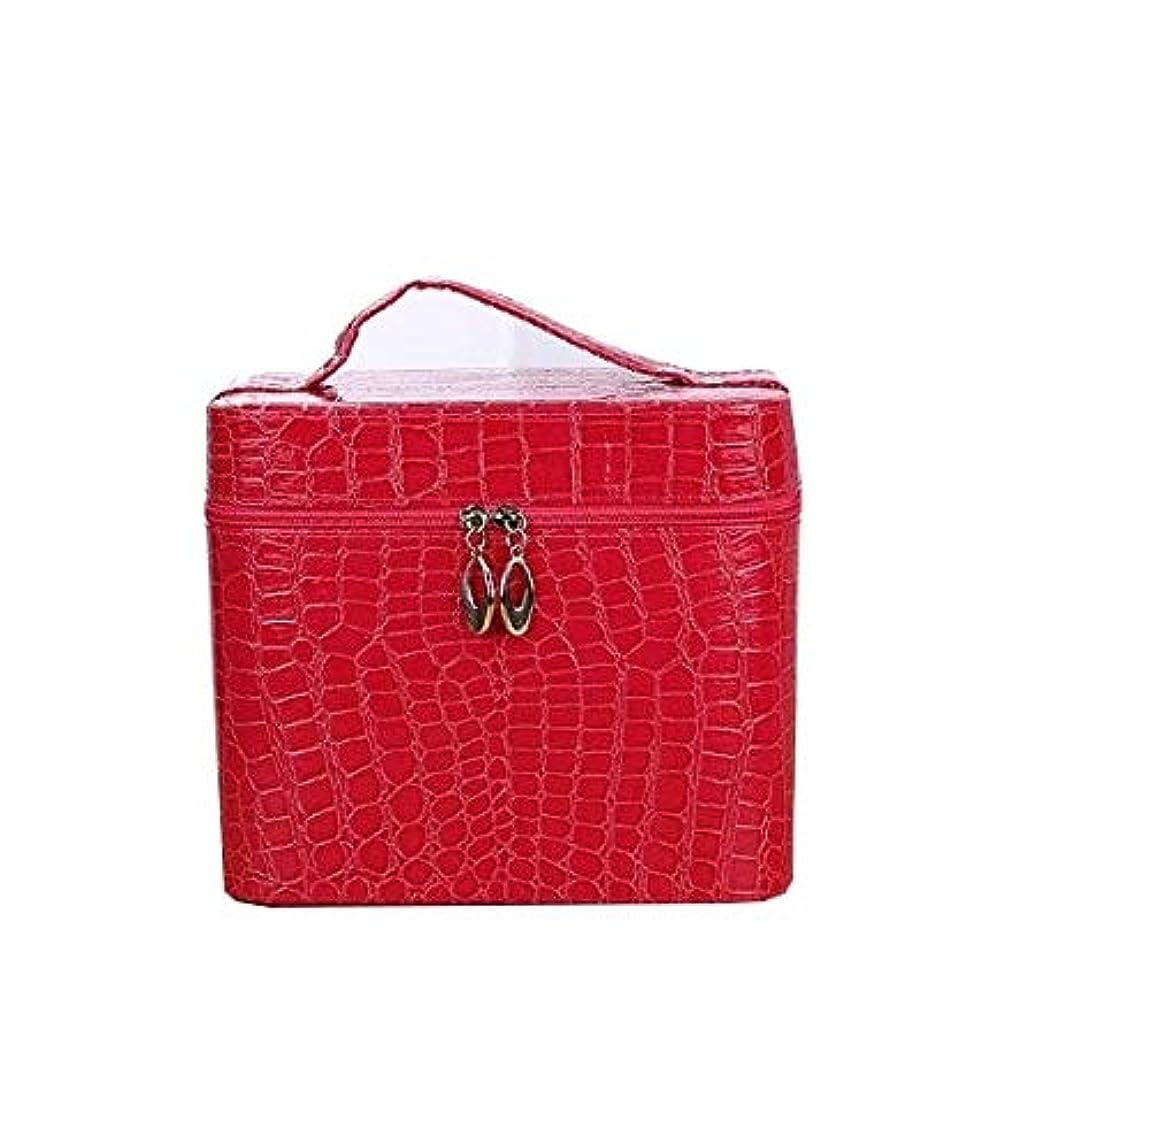 誰のパニックストッキング化粧箱、赤、黒ワニ革ポータブル化粧品バッグ、ポータブルポータブル旅行化粧品ケース、美容ネイルジュエリー収納ボックス (Color : Red)